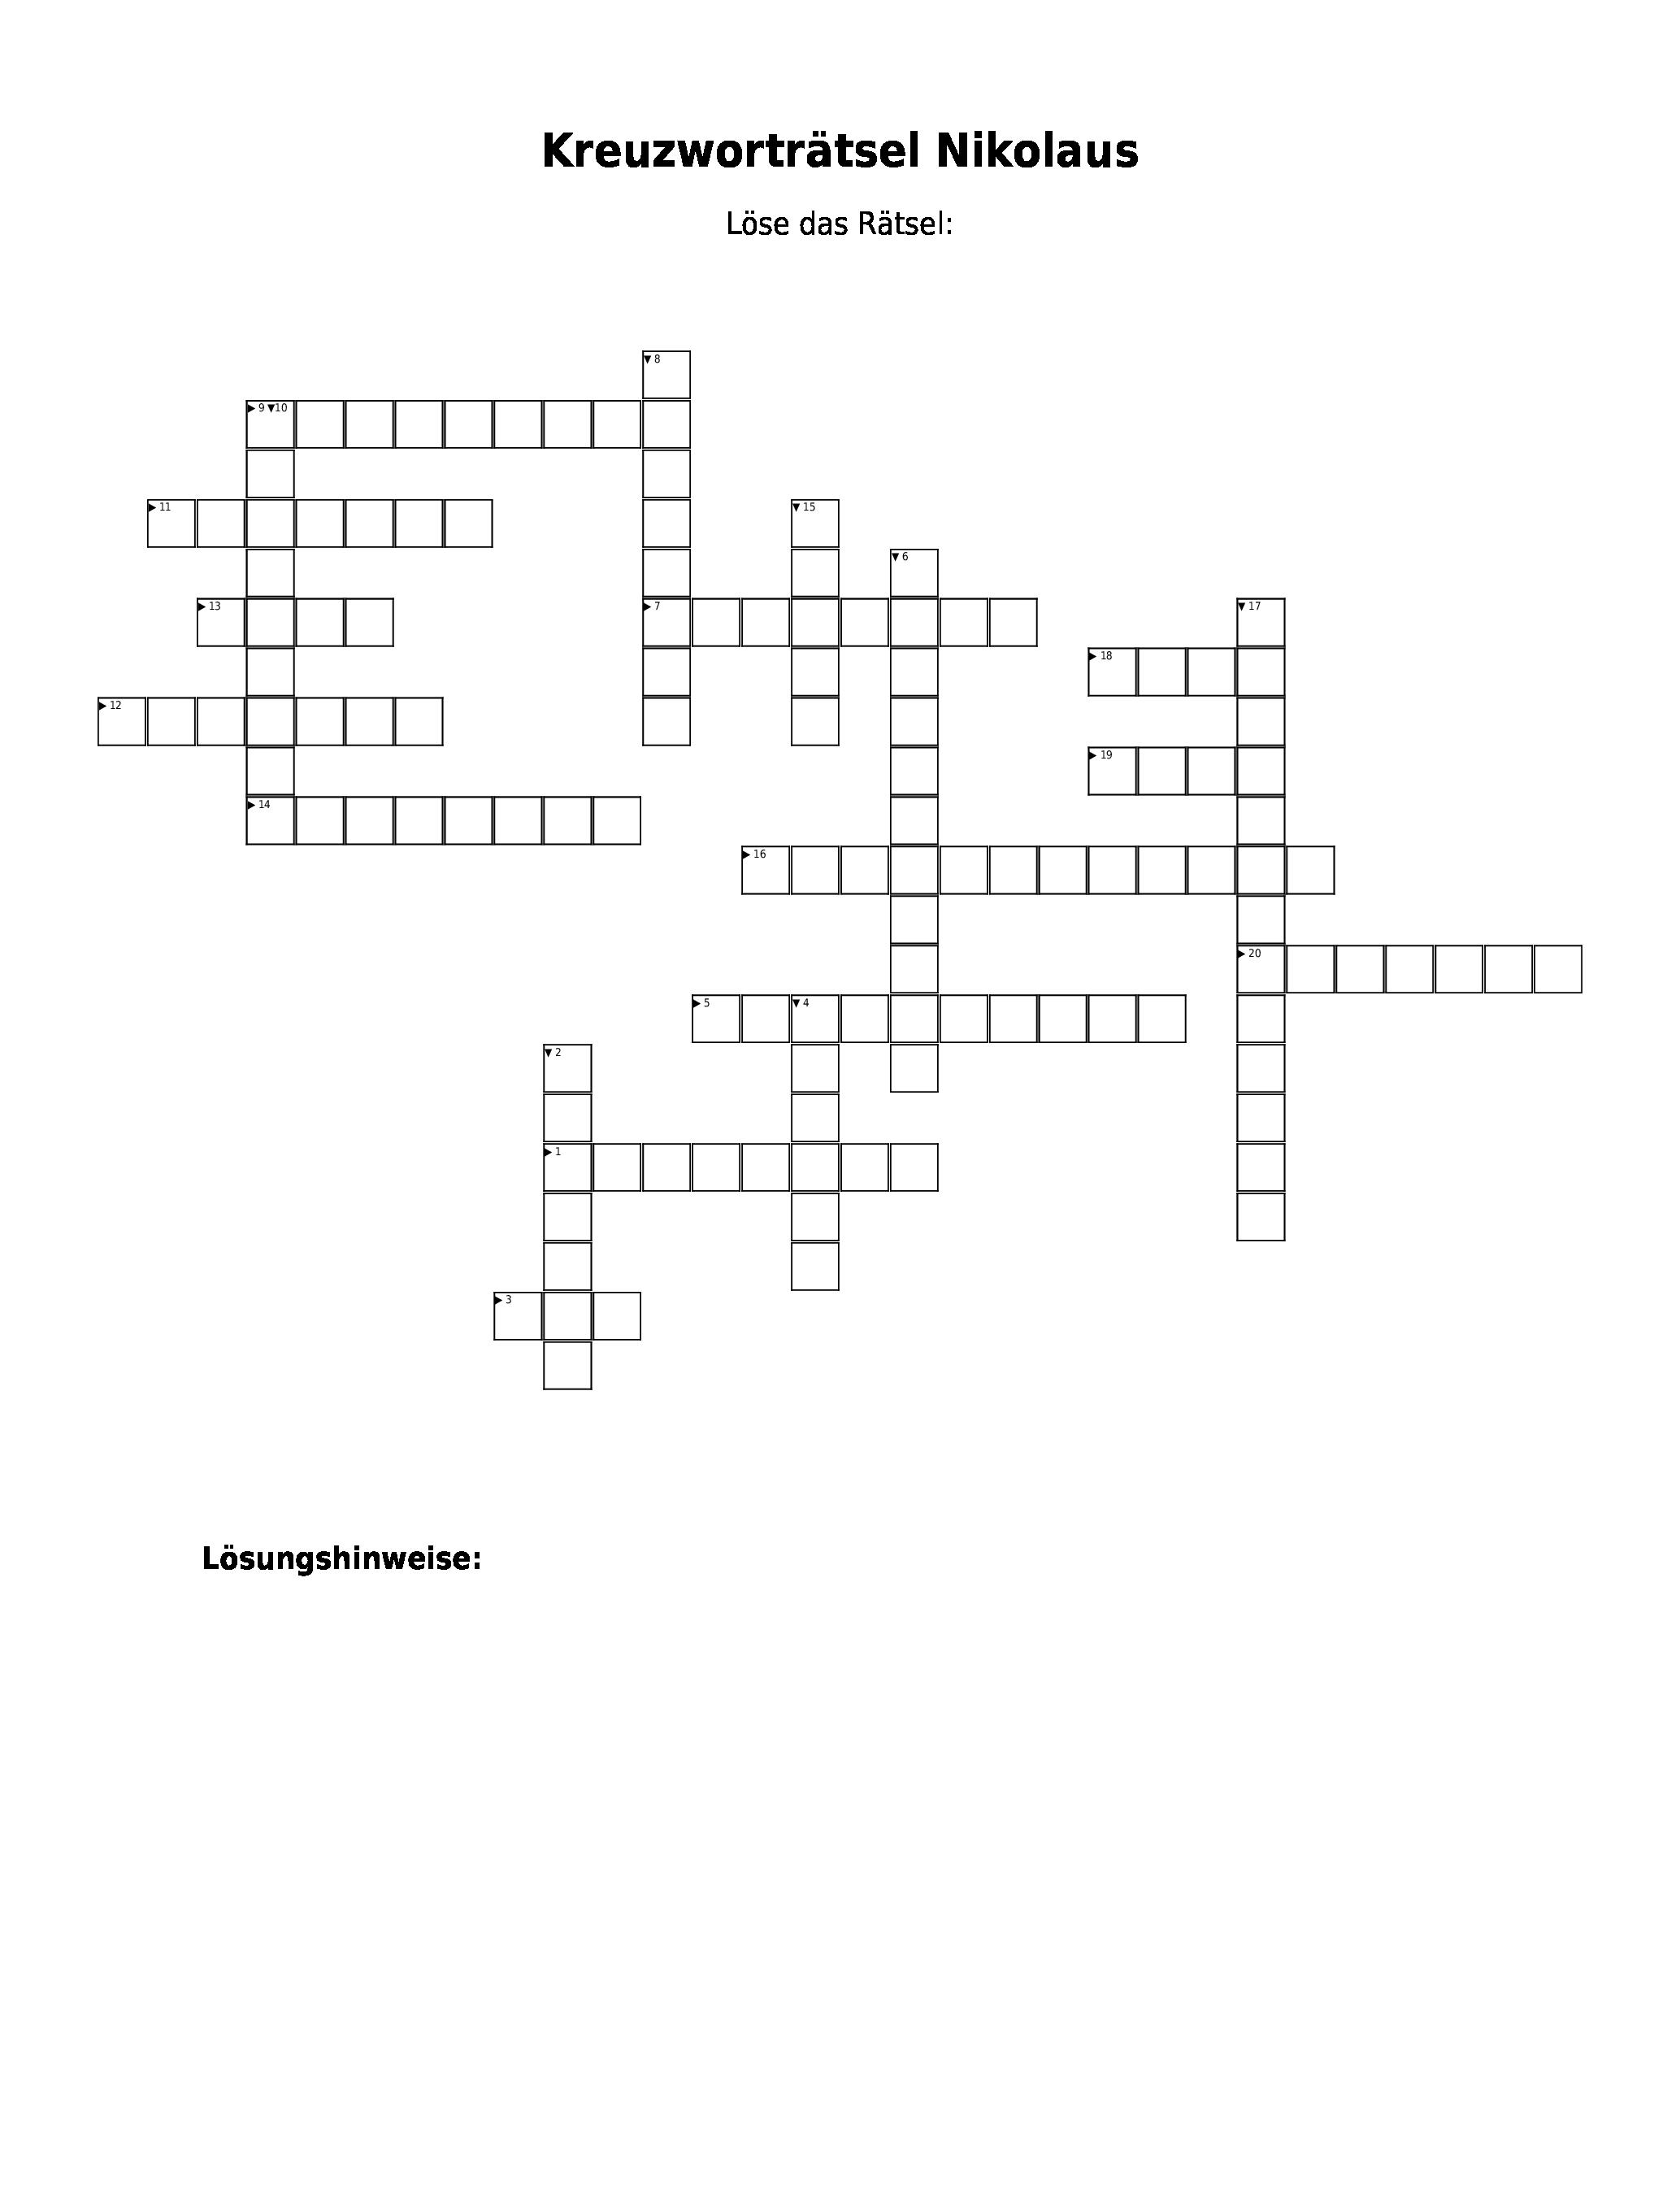 Brav Kreuzworträtsel